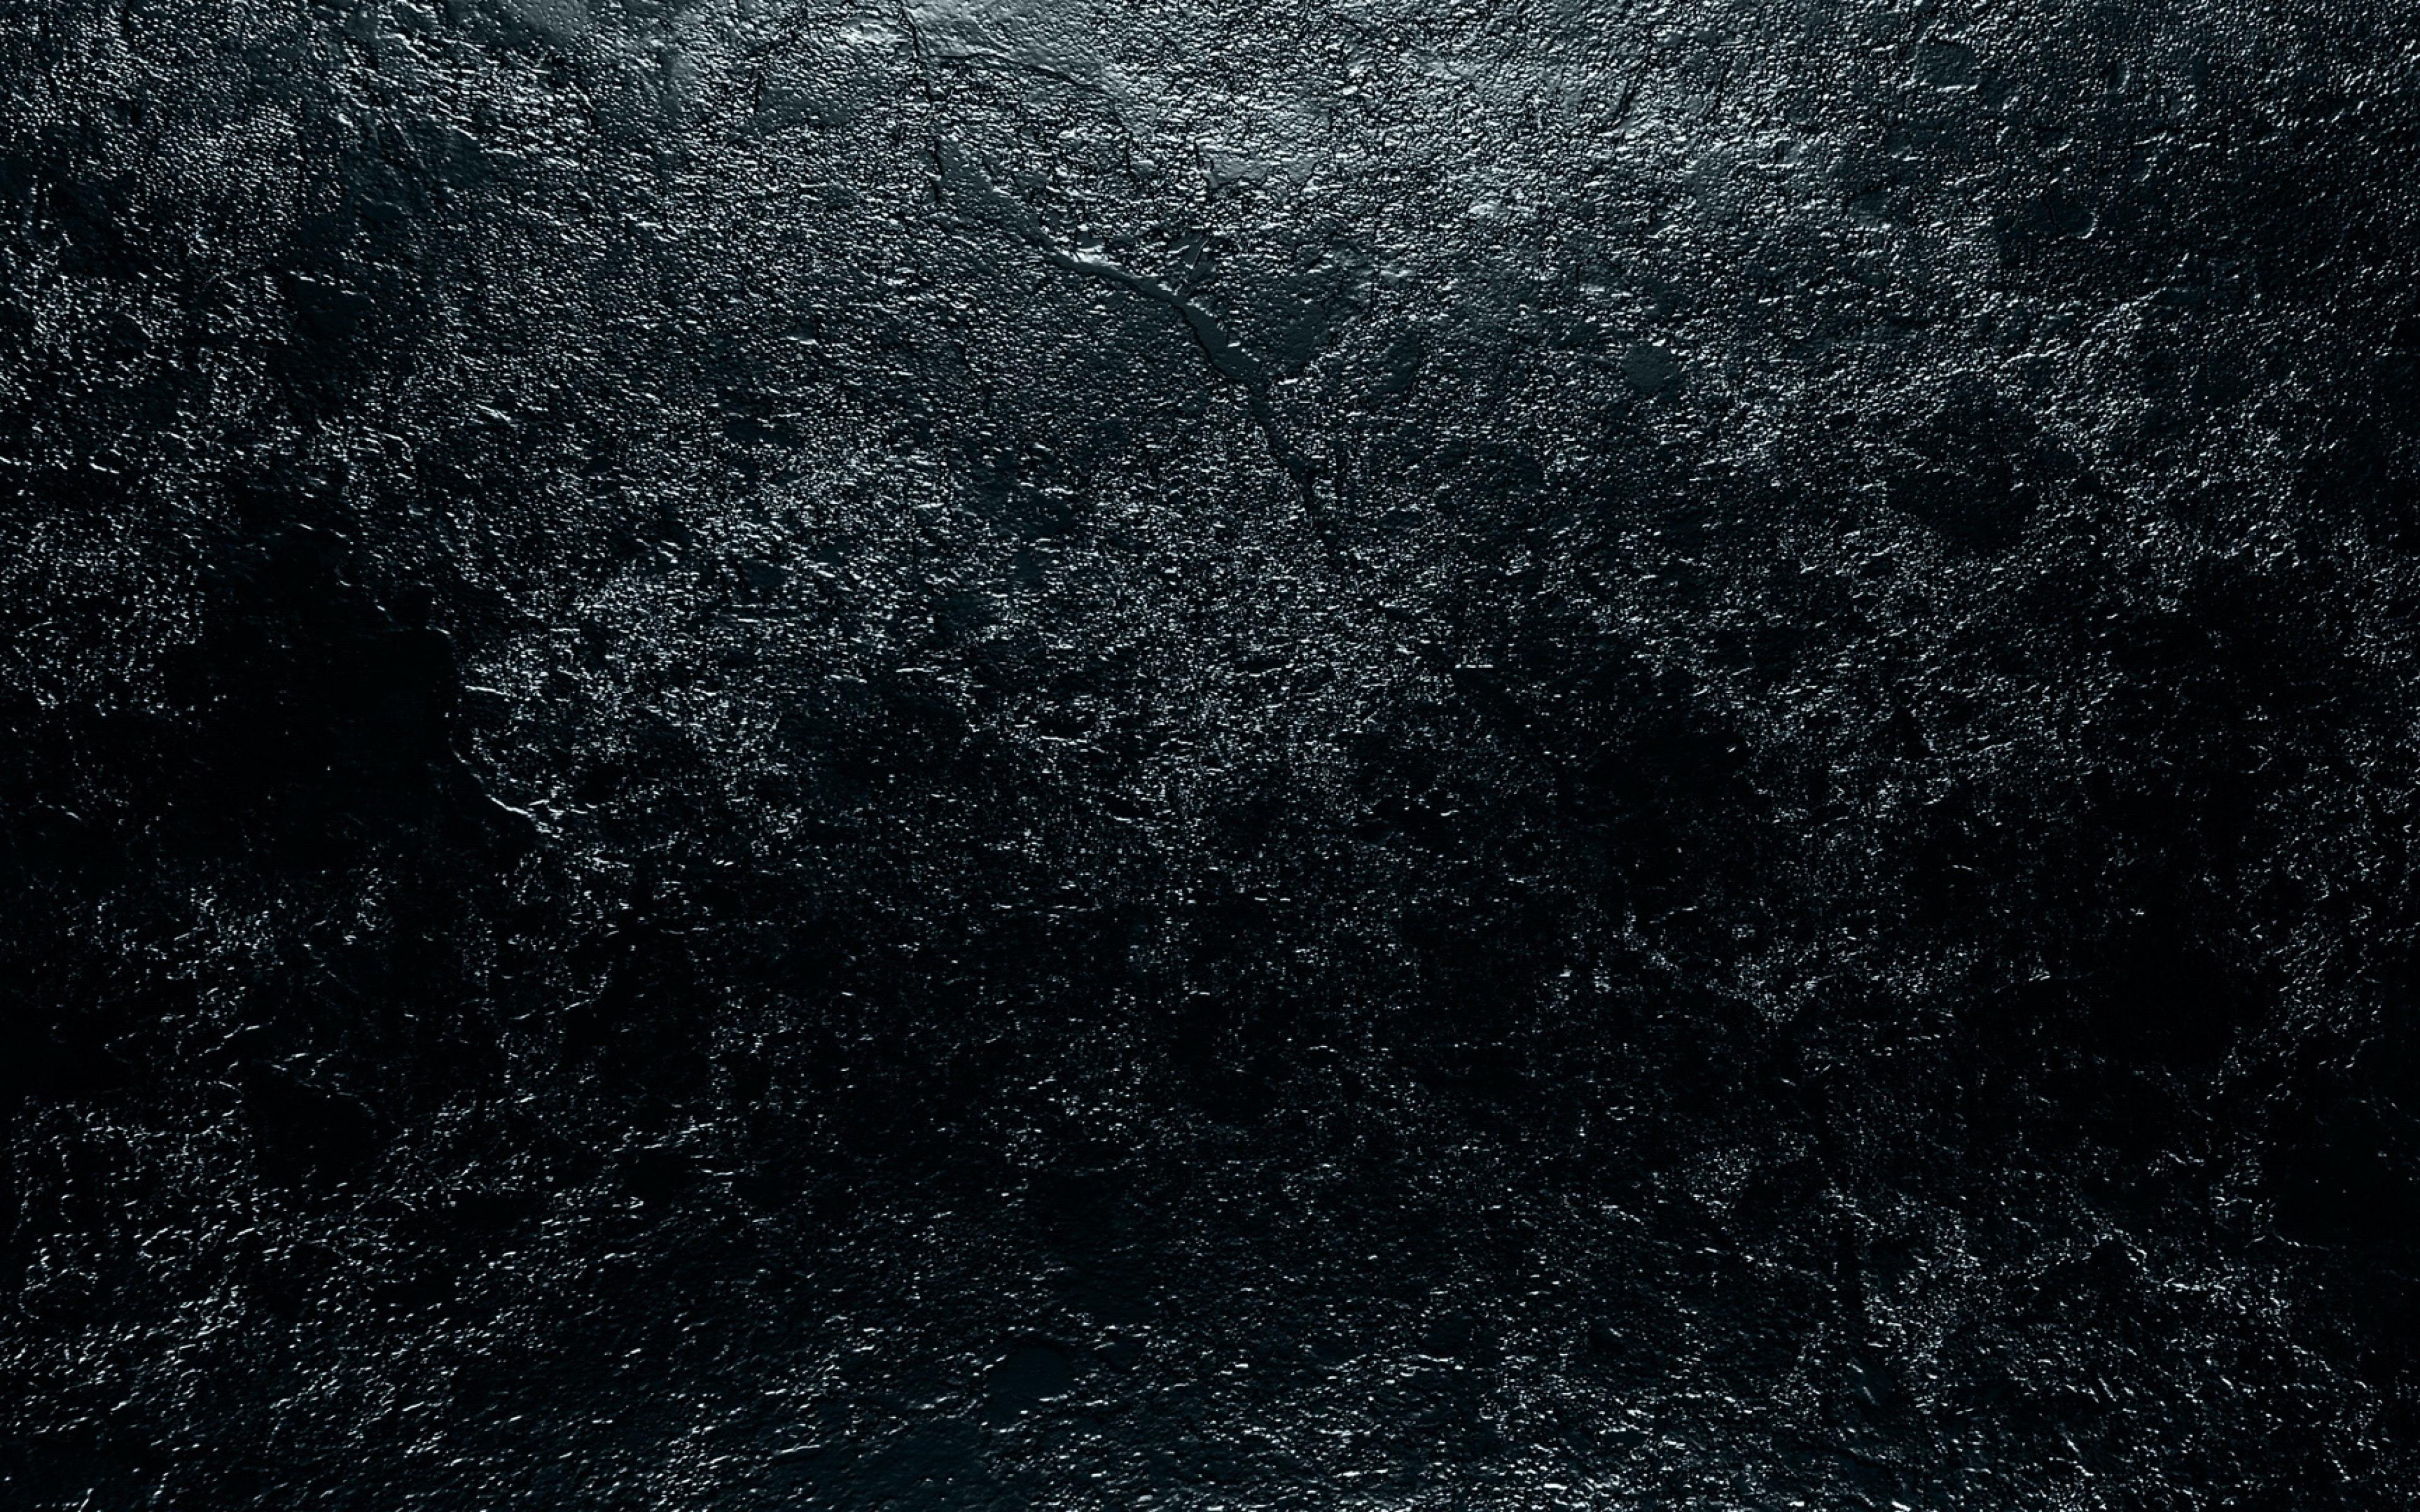 Download Wallpaper 3840x2400 dark background texture Ultra HD 4K HD 3840x2400